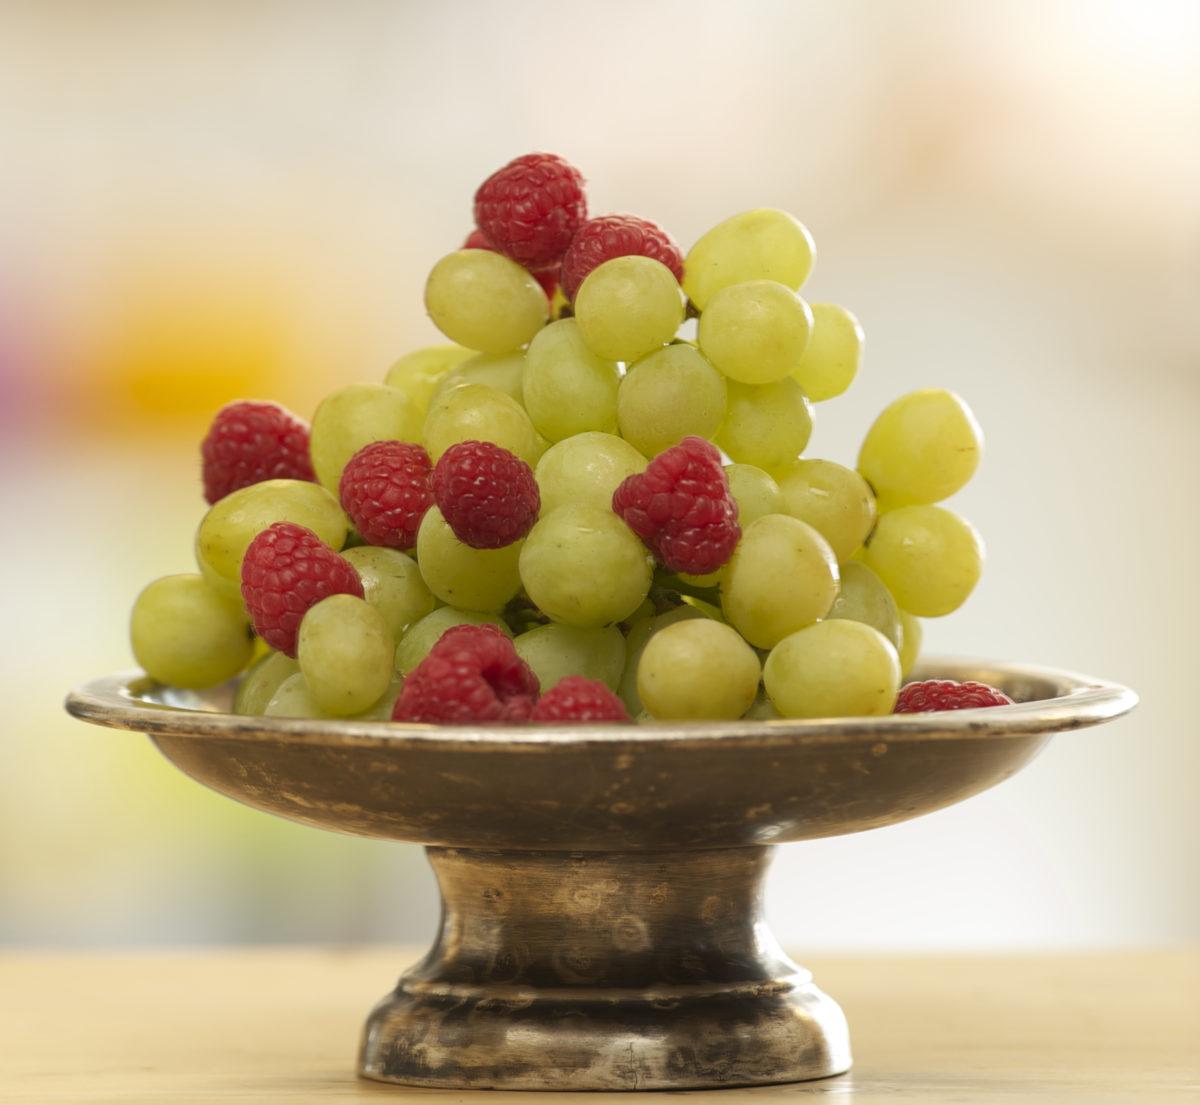 Raspberries & Grapes annasfoodstories